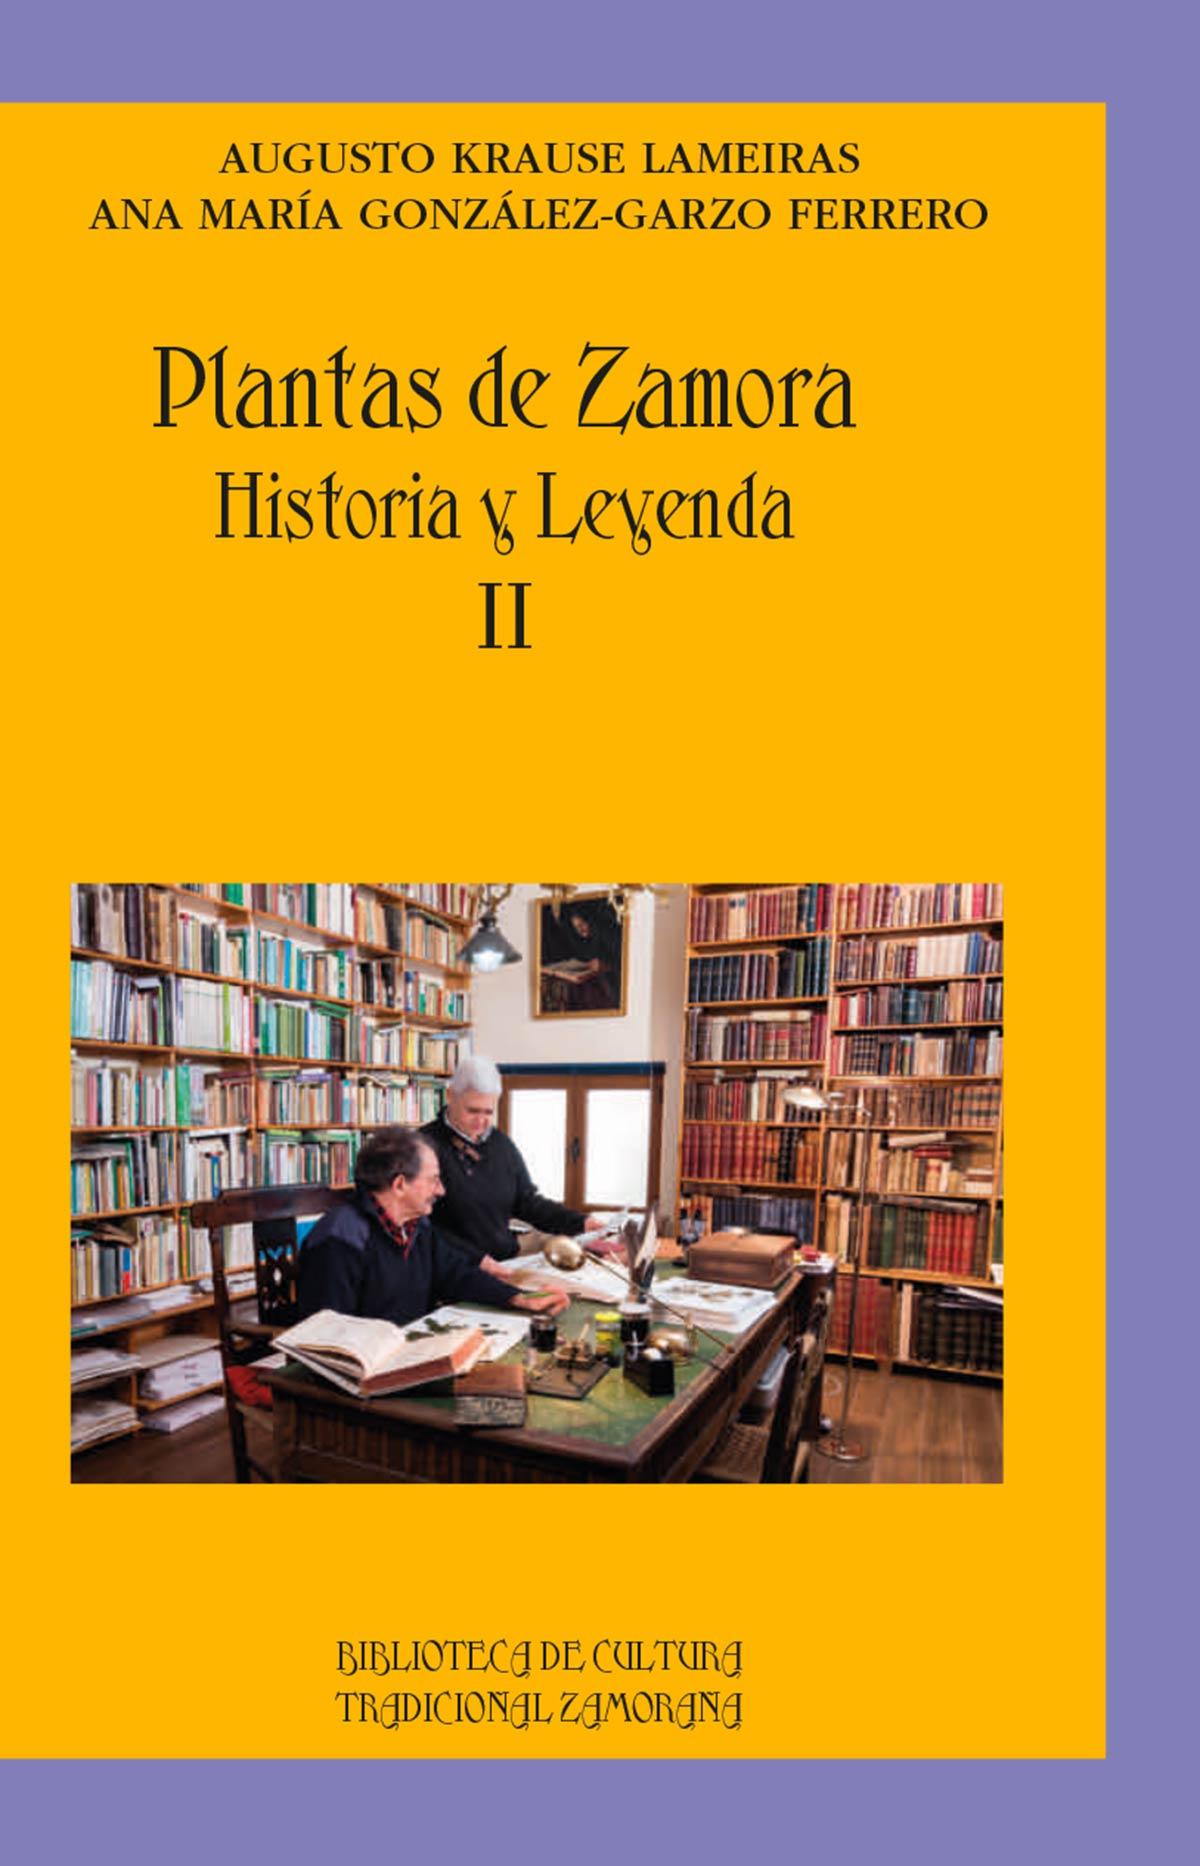 Plantas de Zamora Historia y leyenda II Editorial Semuret Augusto Krause Lameiras & Ana María González Garzo Ferrero